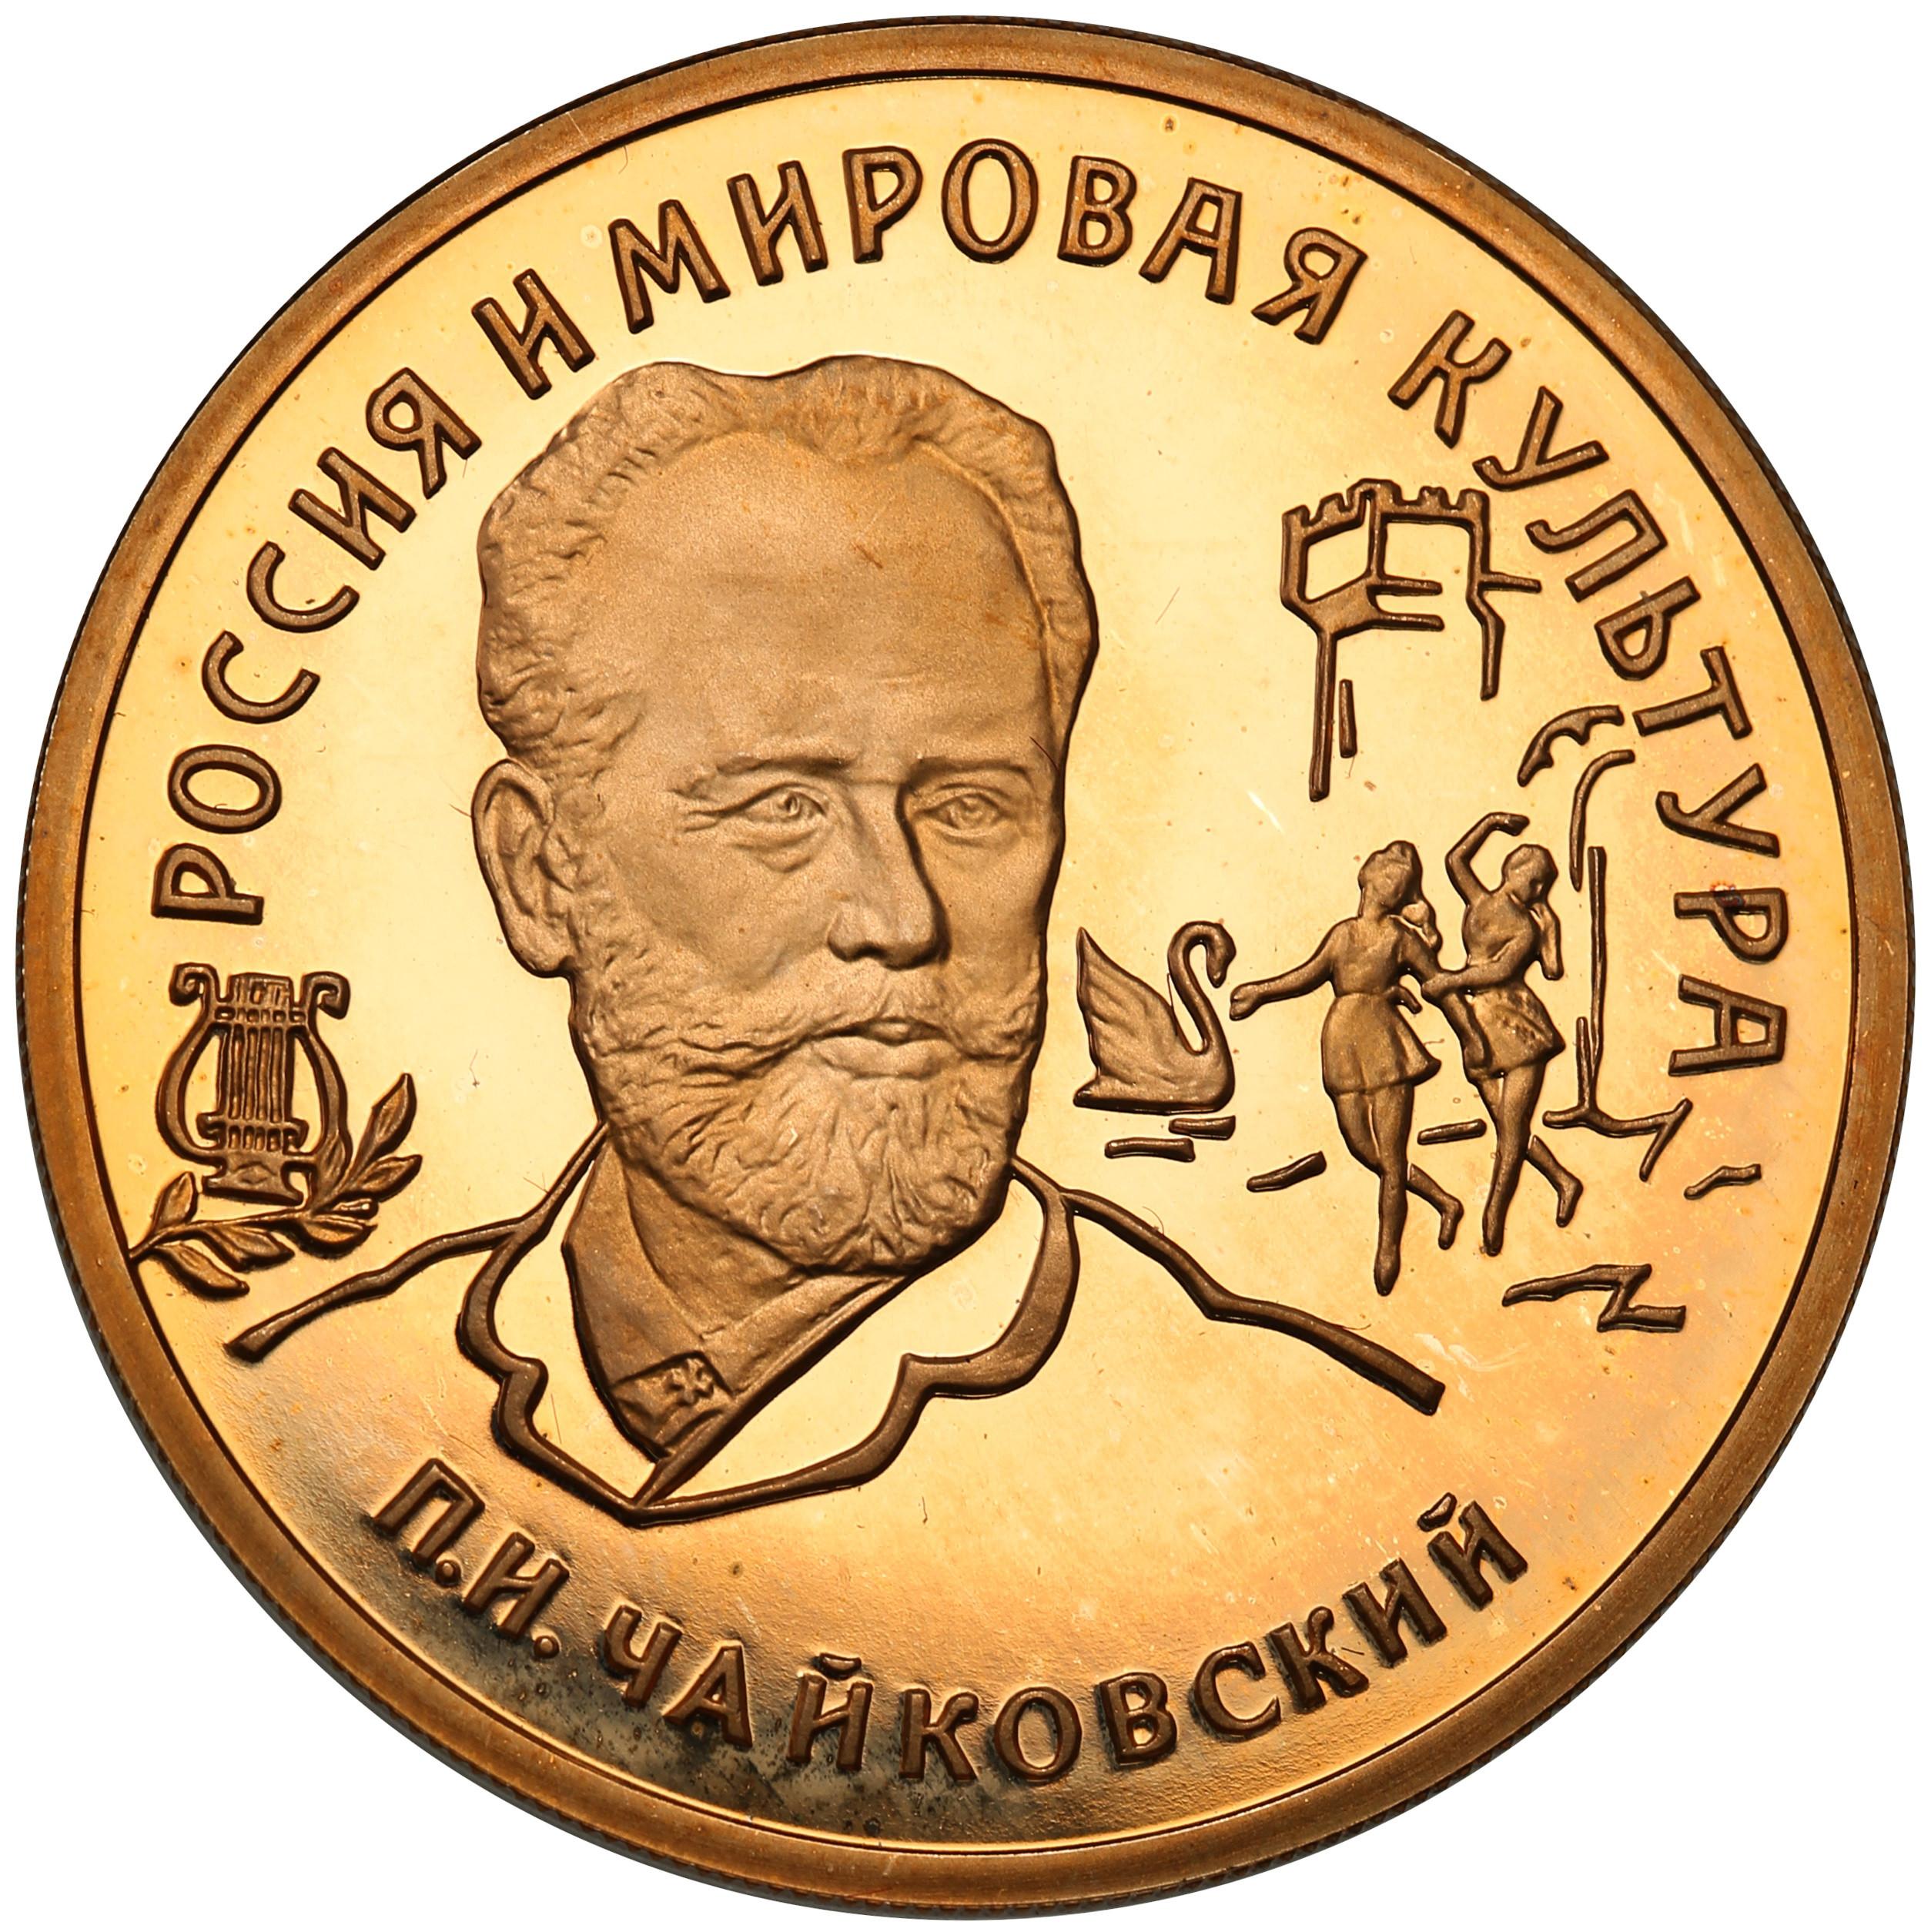 Rosja. 100 Rubli 1993  Piotr Czajkowski (Tchaikovsky) - ½ uncji złota st.L